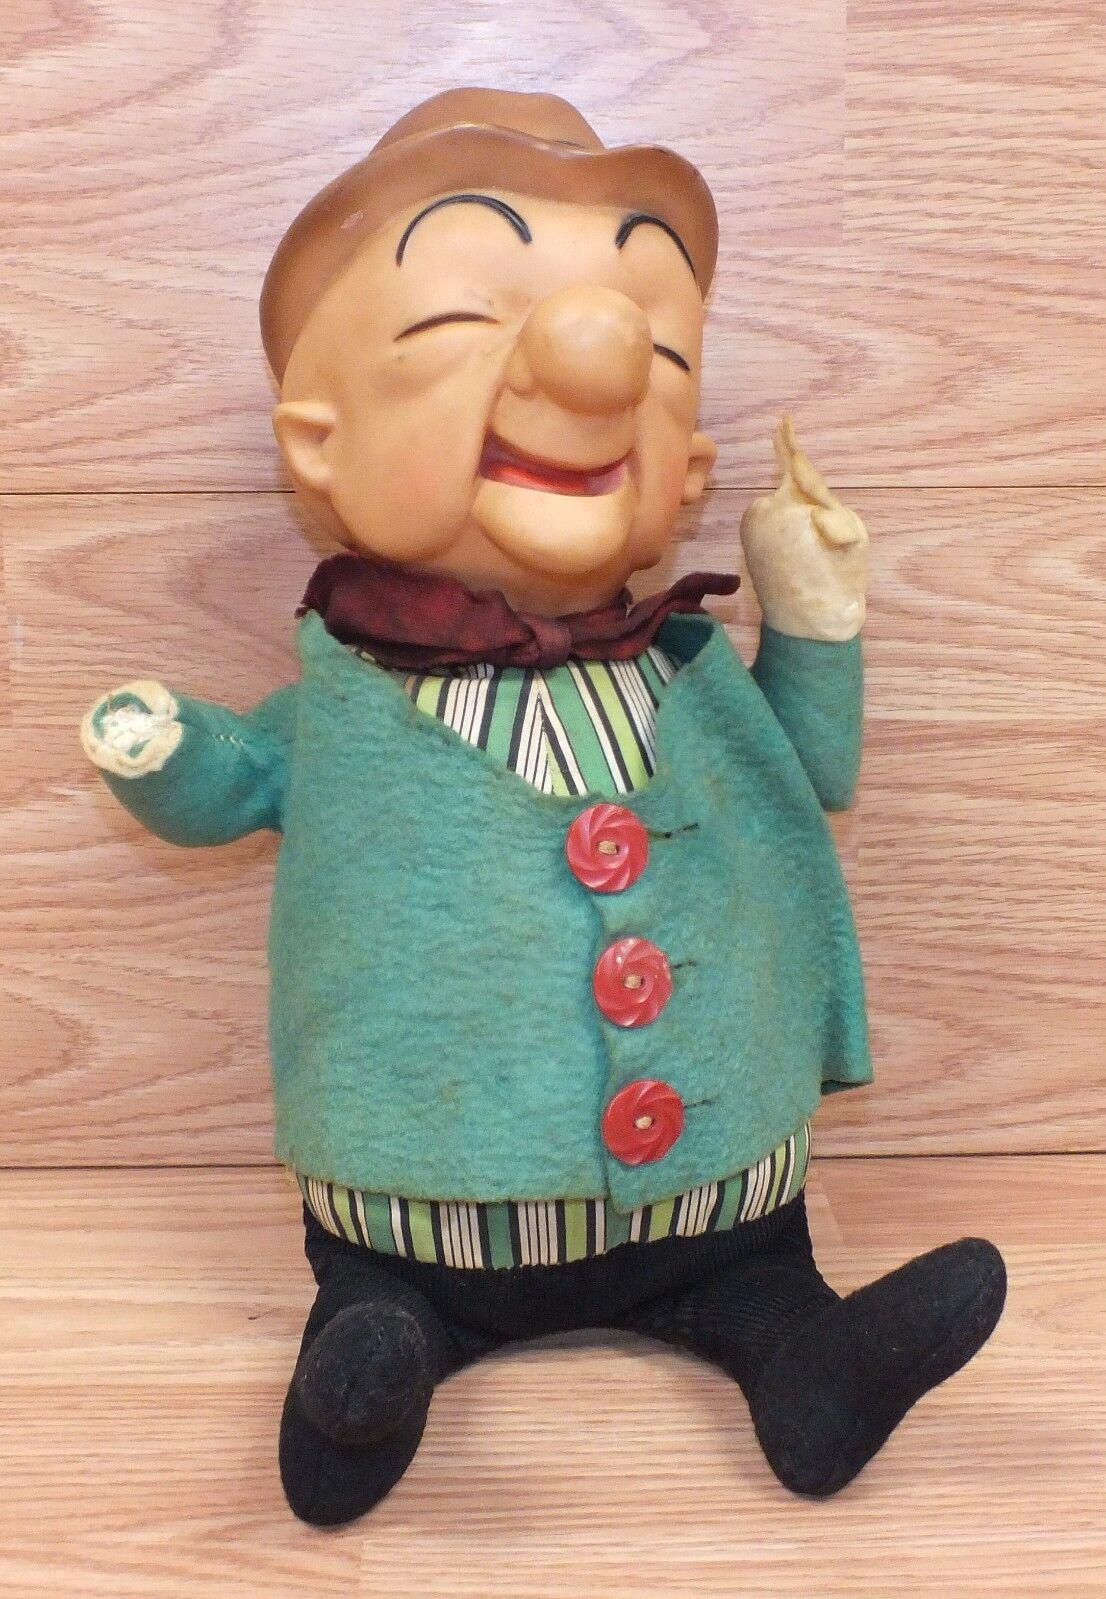 Vintage Genuino Ideal Juguetes 1962 Mr.Magoo Peluche Muñeca Solo - Hecho en EEUU